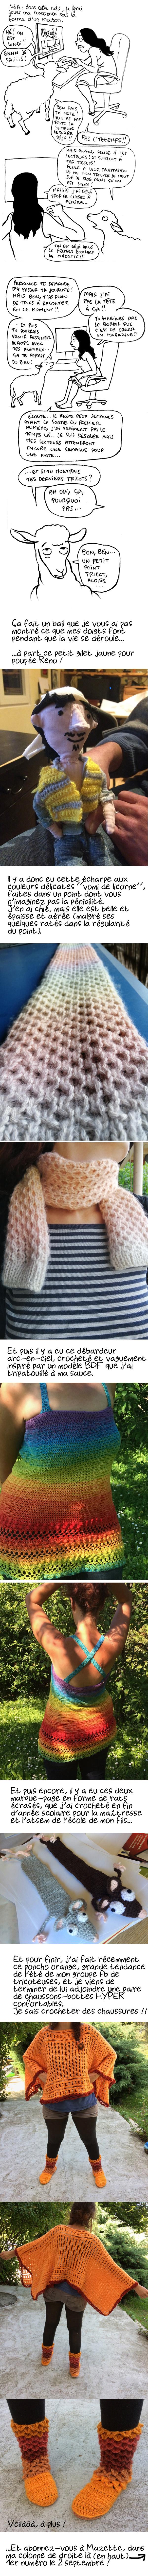 http://melaka.free.fr/blog/pointcrochet.jpg